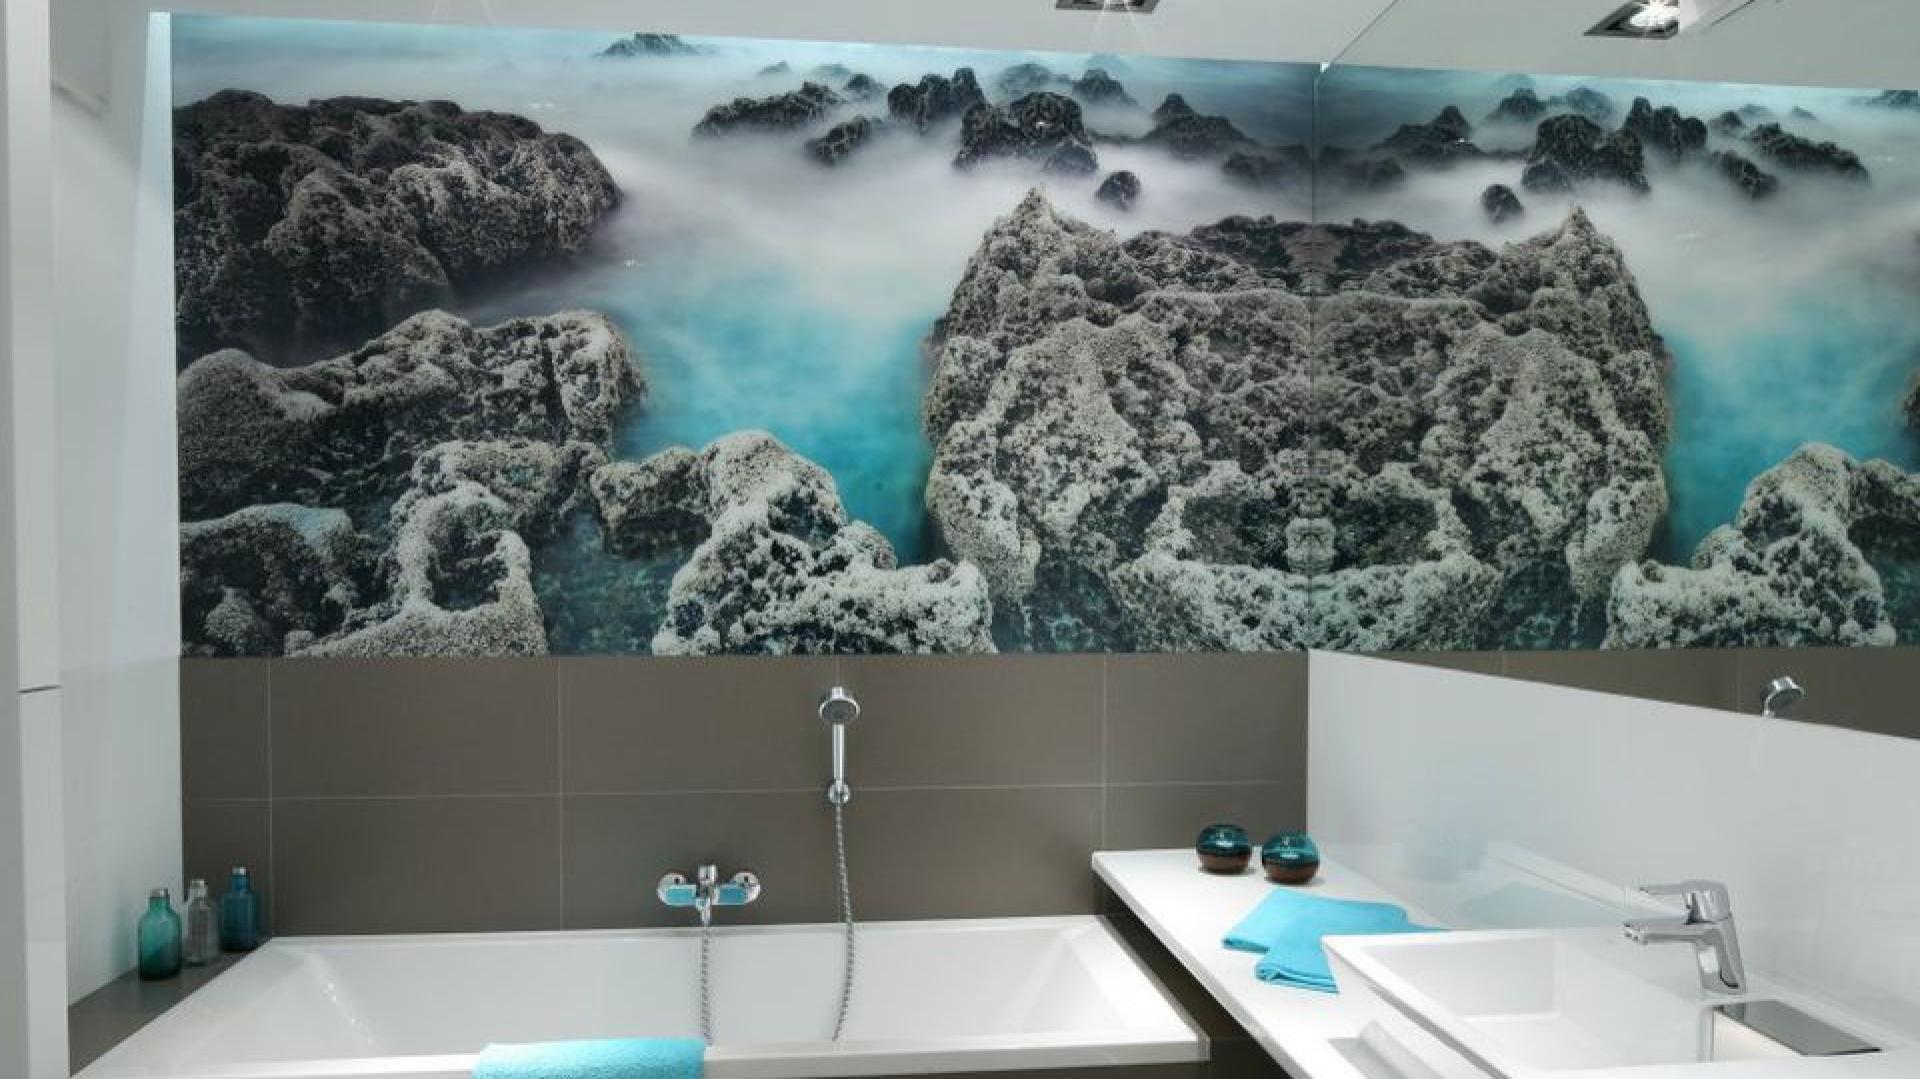 Fototapeta przedstawiająca rafę koralową kolorystycznie współgra z wystrojem łazienki. Nadaje jej również oryginalny charakter. Fototapeta została zabezpieczona szkłem. Projekt: Anna Maria Sokołowska. Fot. Bartosz Jarosz